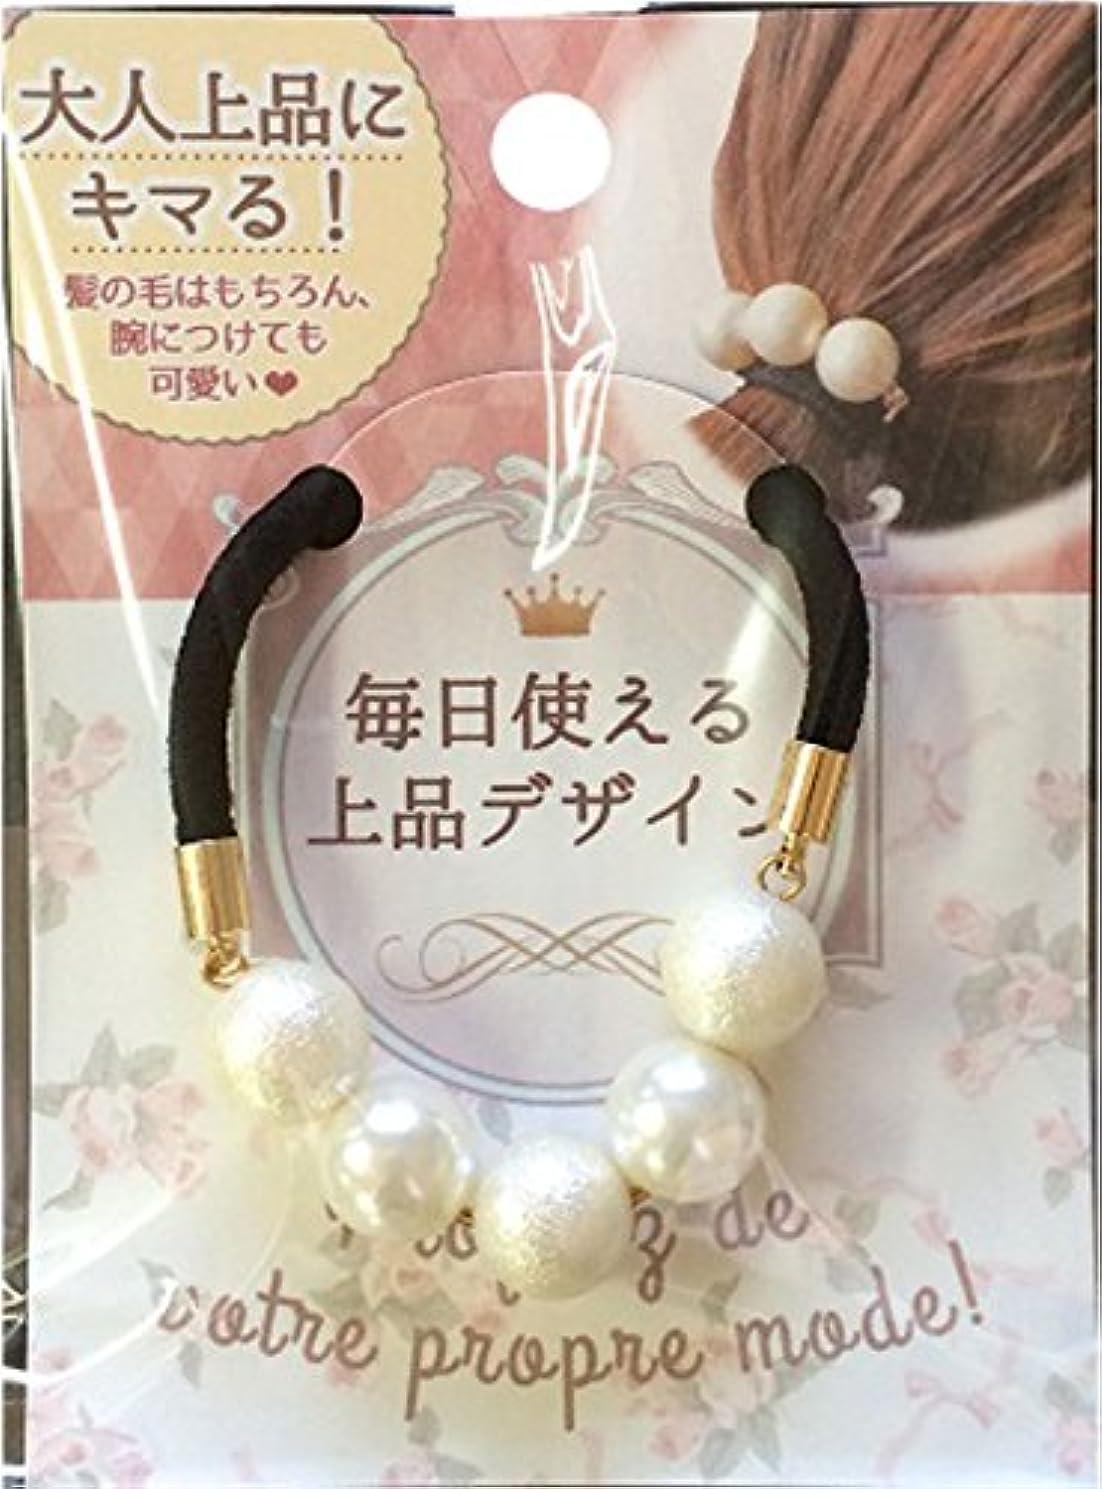 夕方知覚パトワPLP-3 パールポニー ホワイト 5連